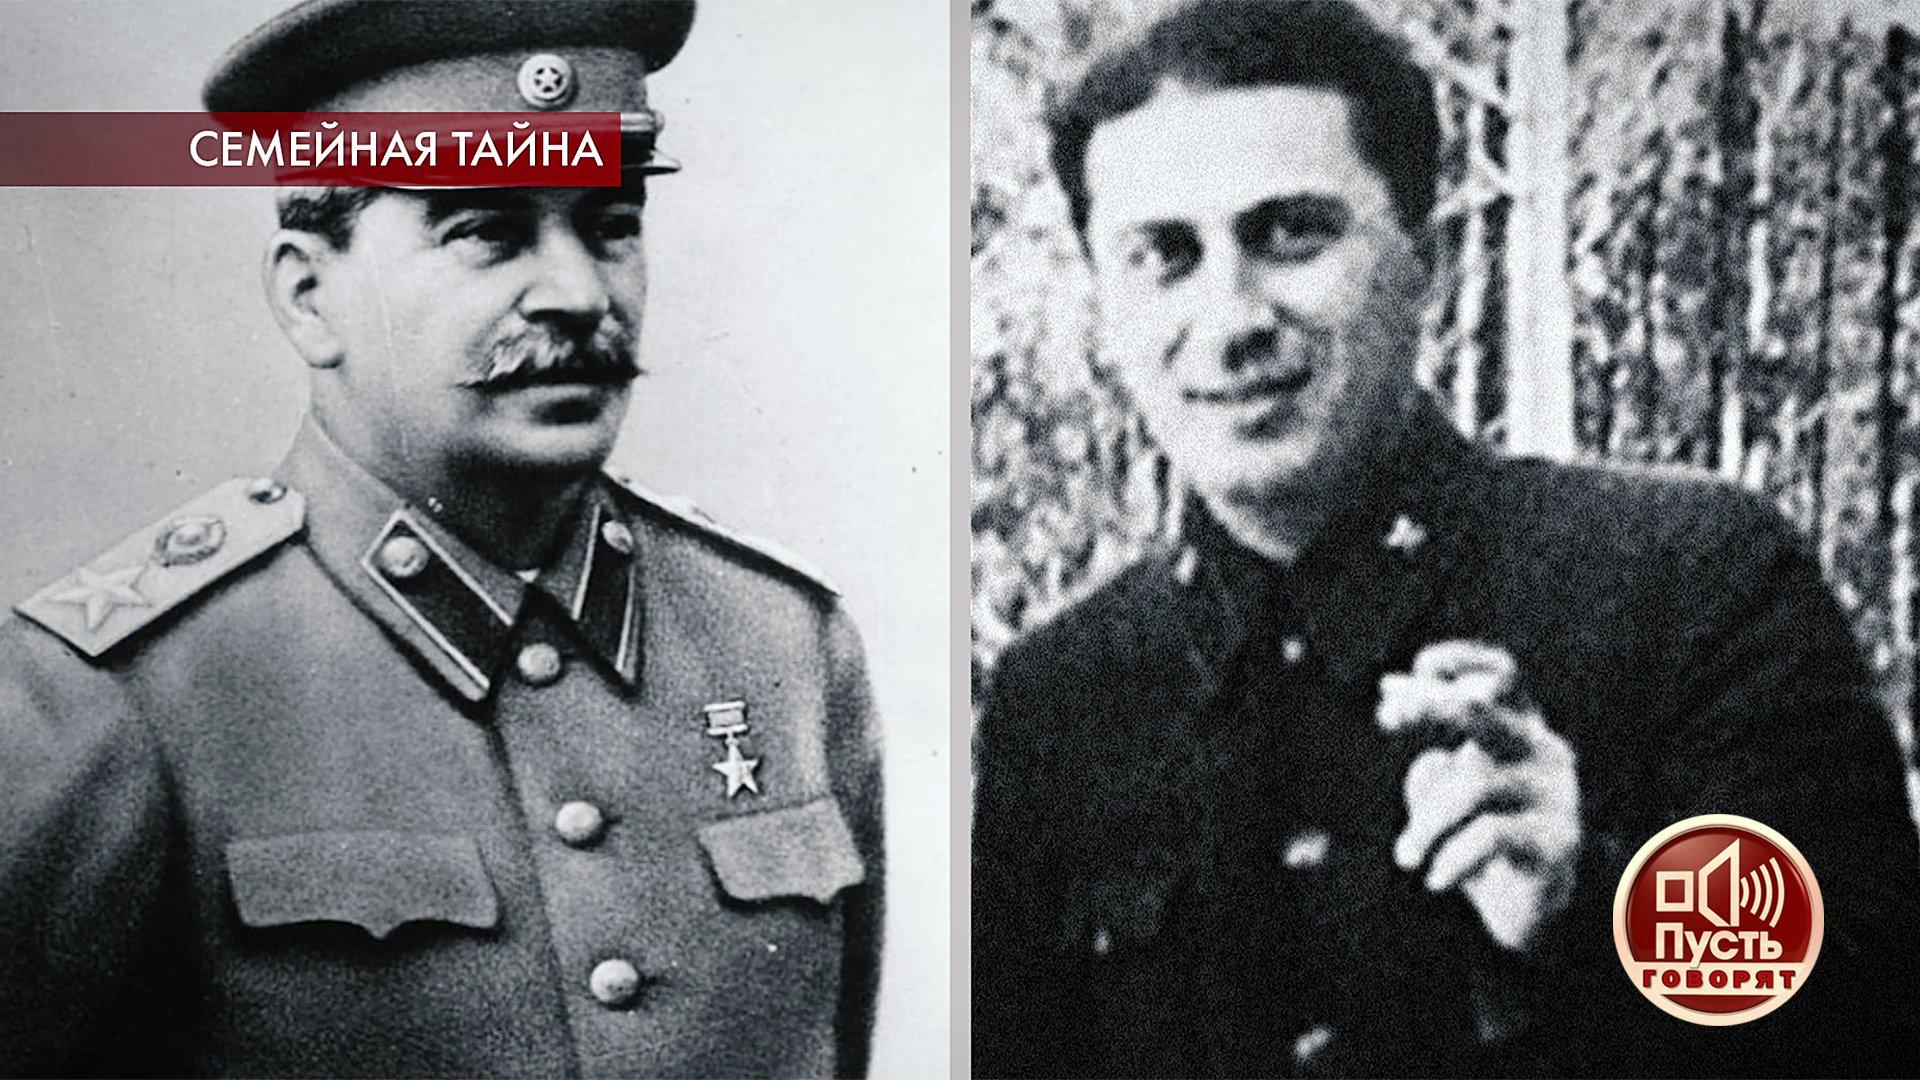 «Пусть говорят». Новый поворот визучении судьбы старшего сына Сталина